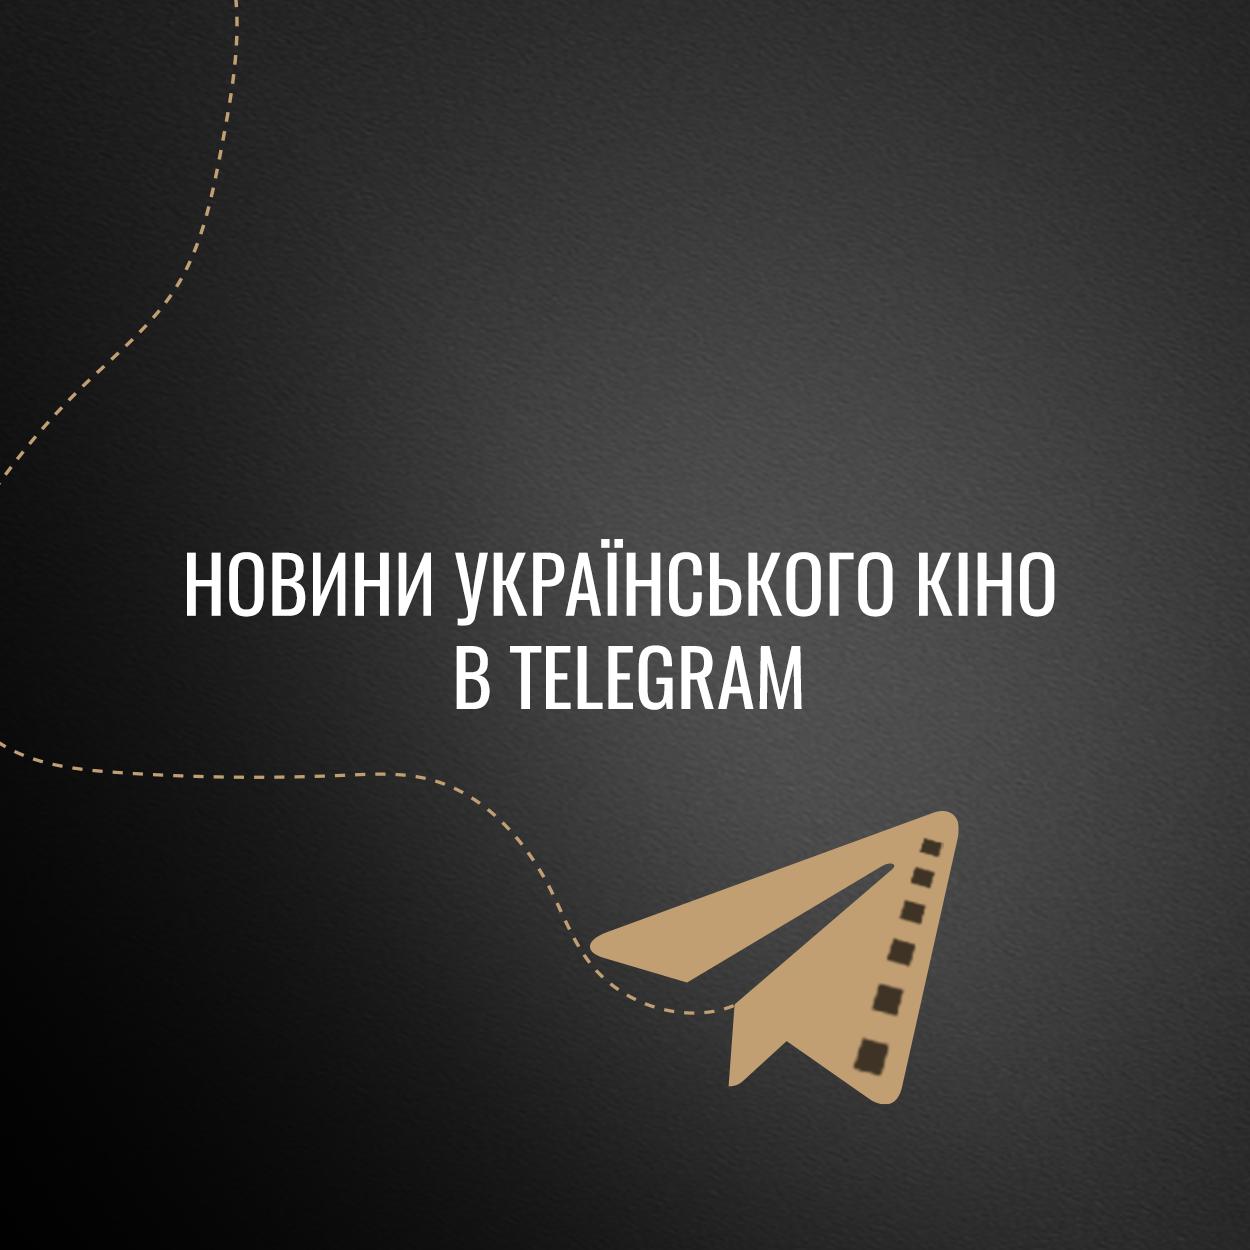 Не пропусти: відтепер усі новини українського кіно можна знайти у Telegram - фото №1